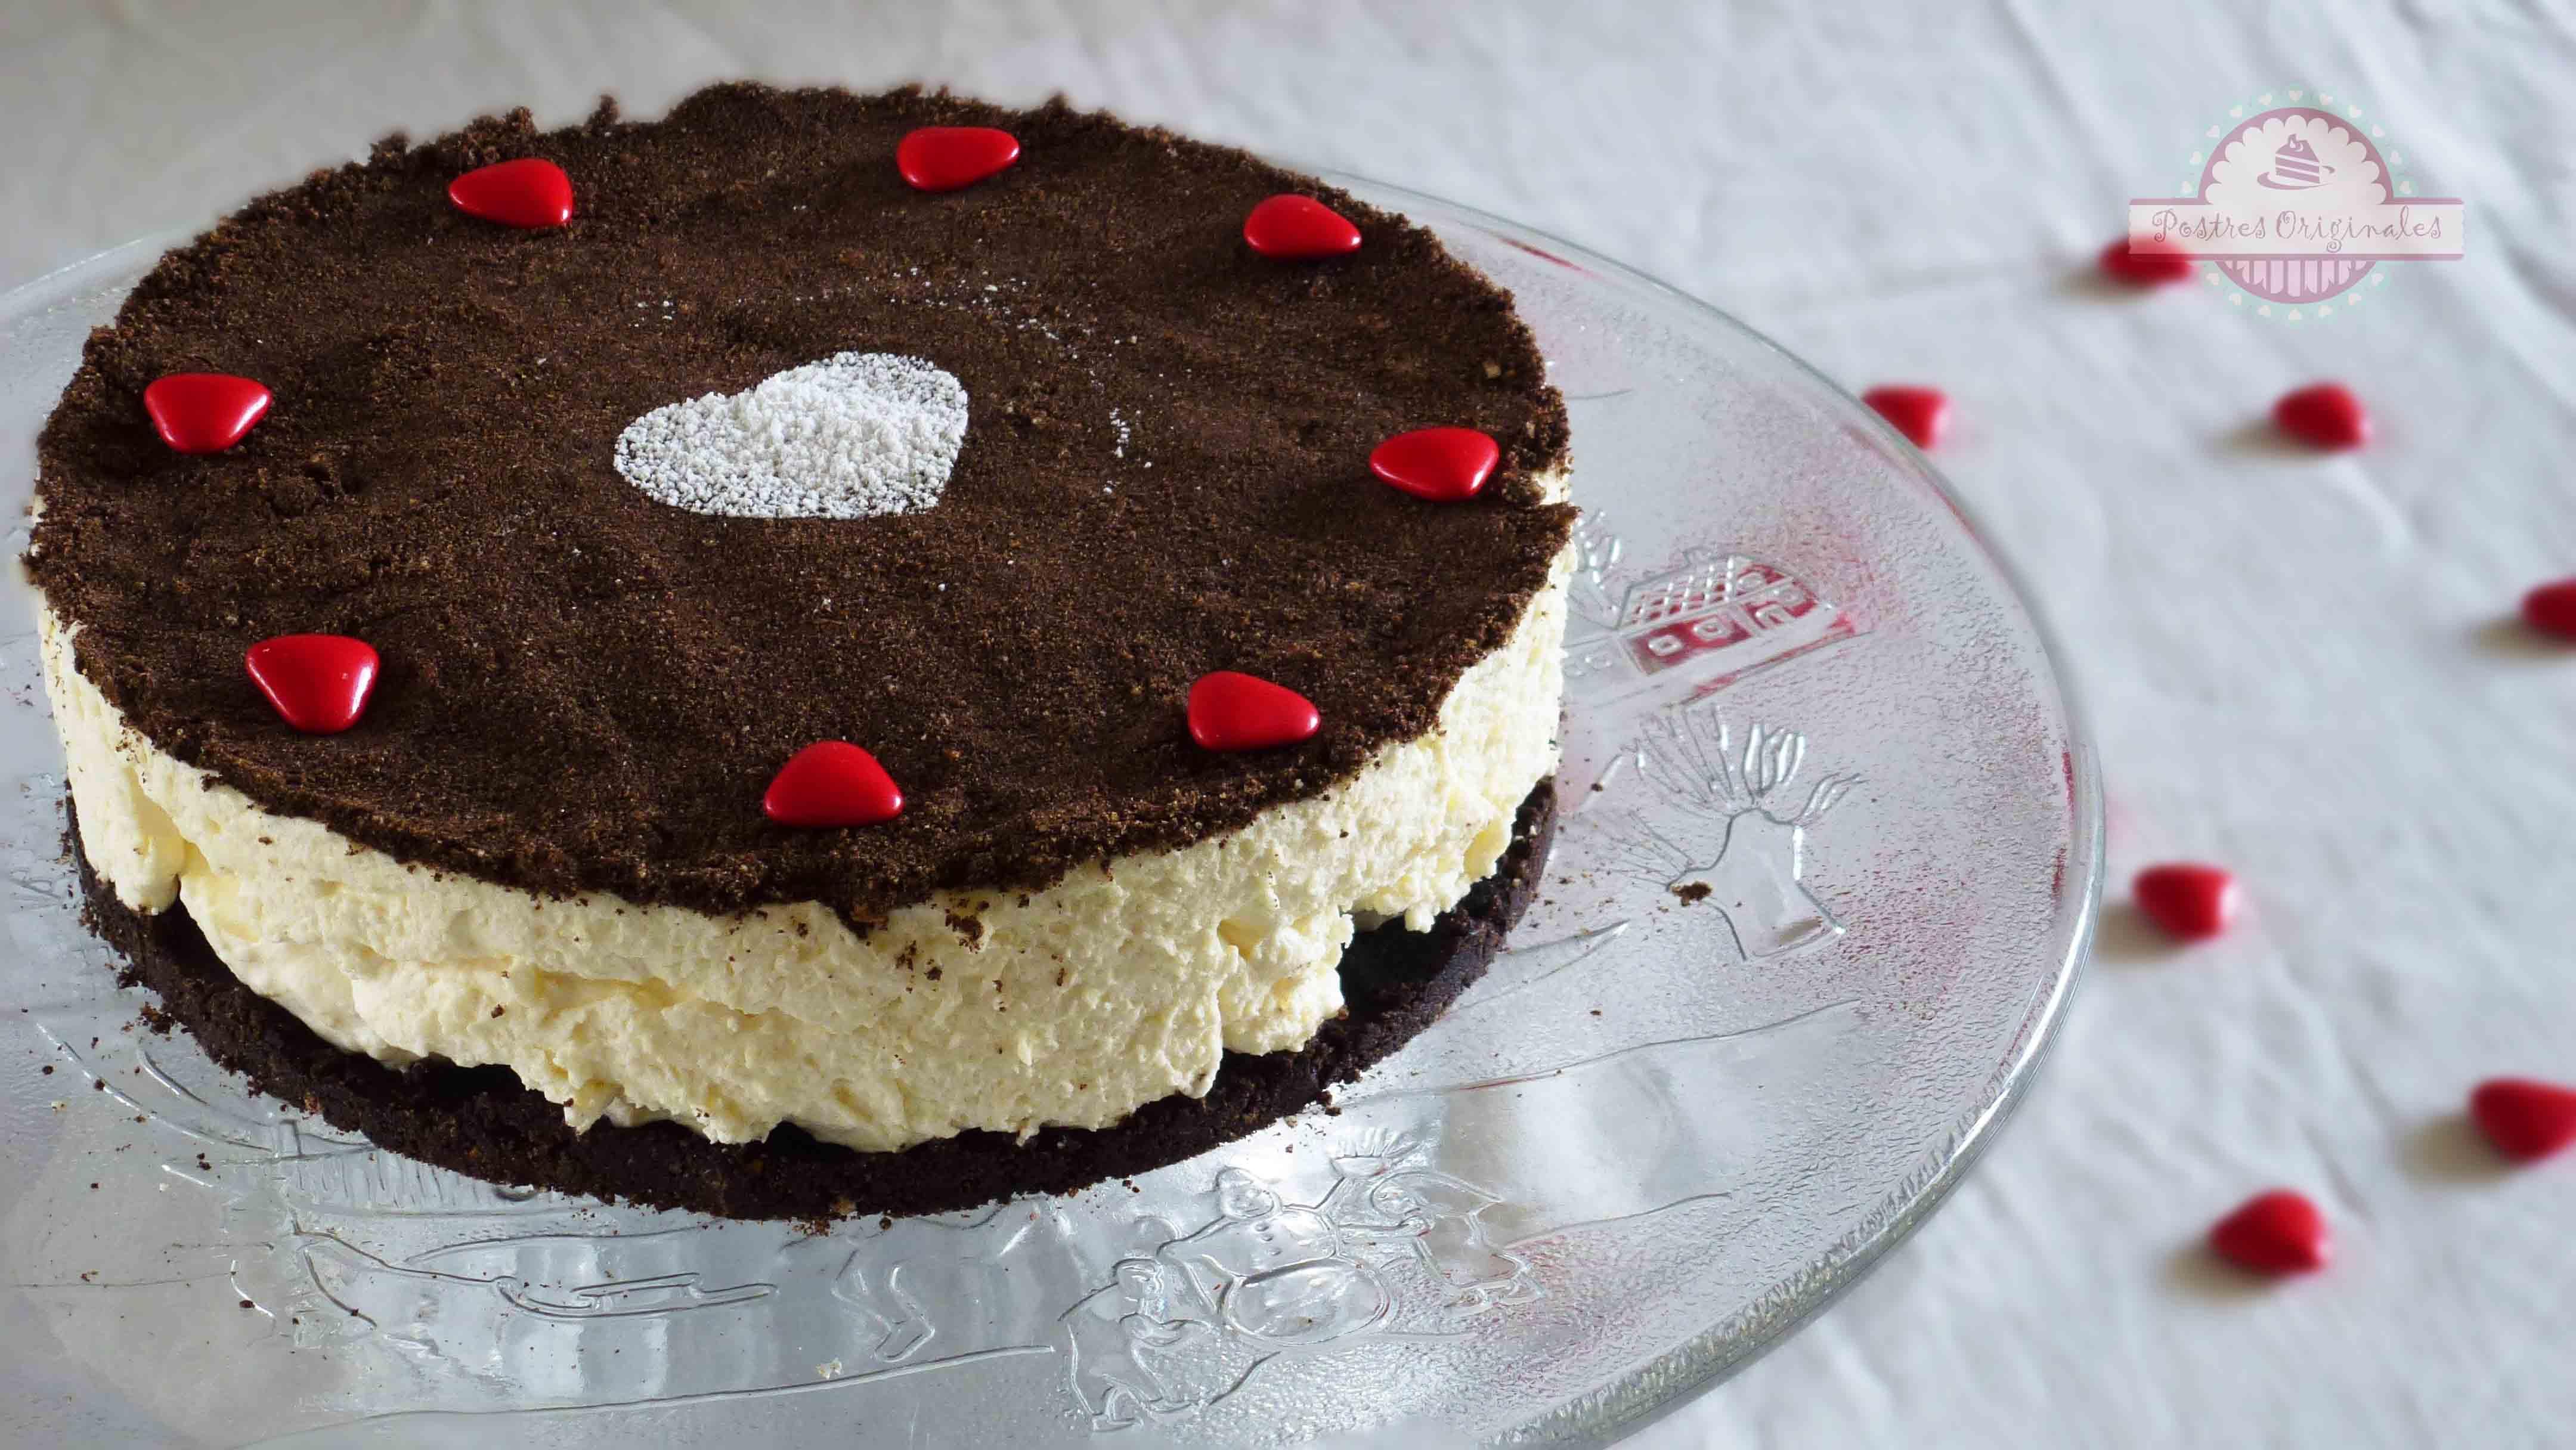 Tarta de nata c mo se hace receta y v deo - Como hacer nata para cocinar ...